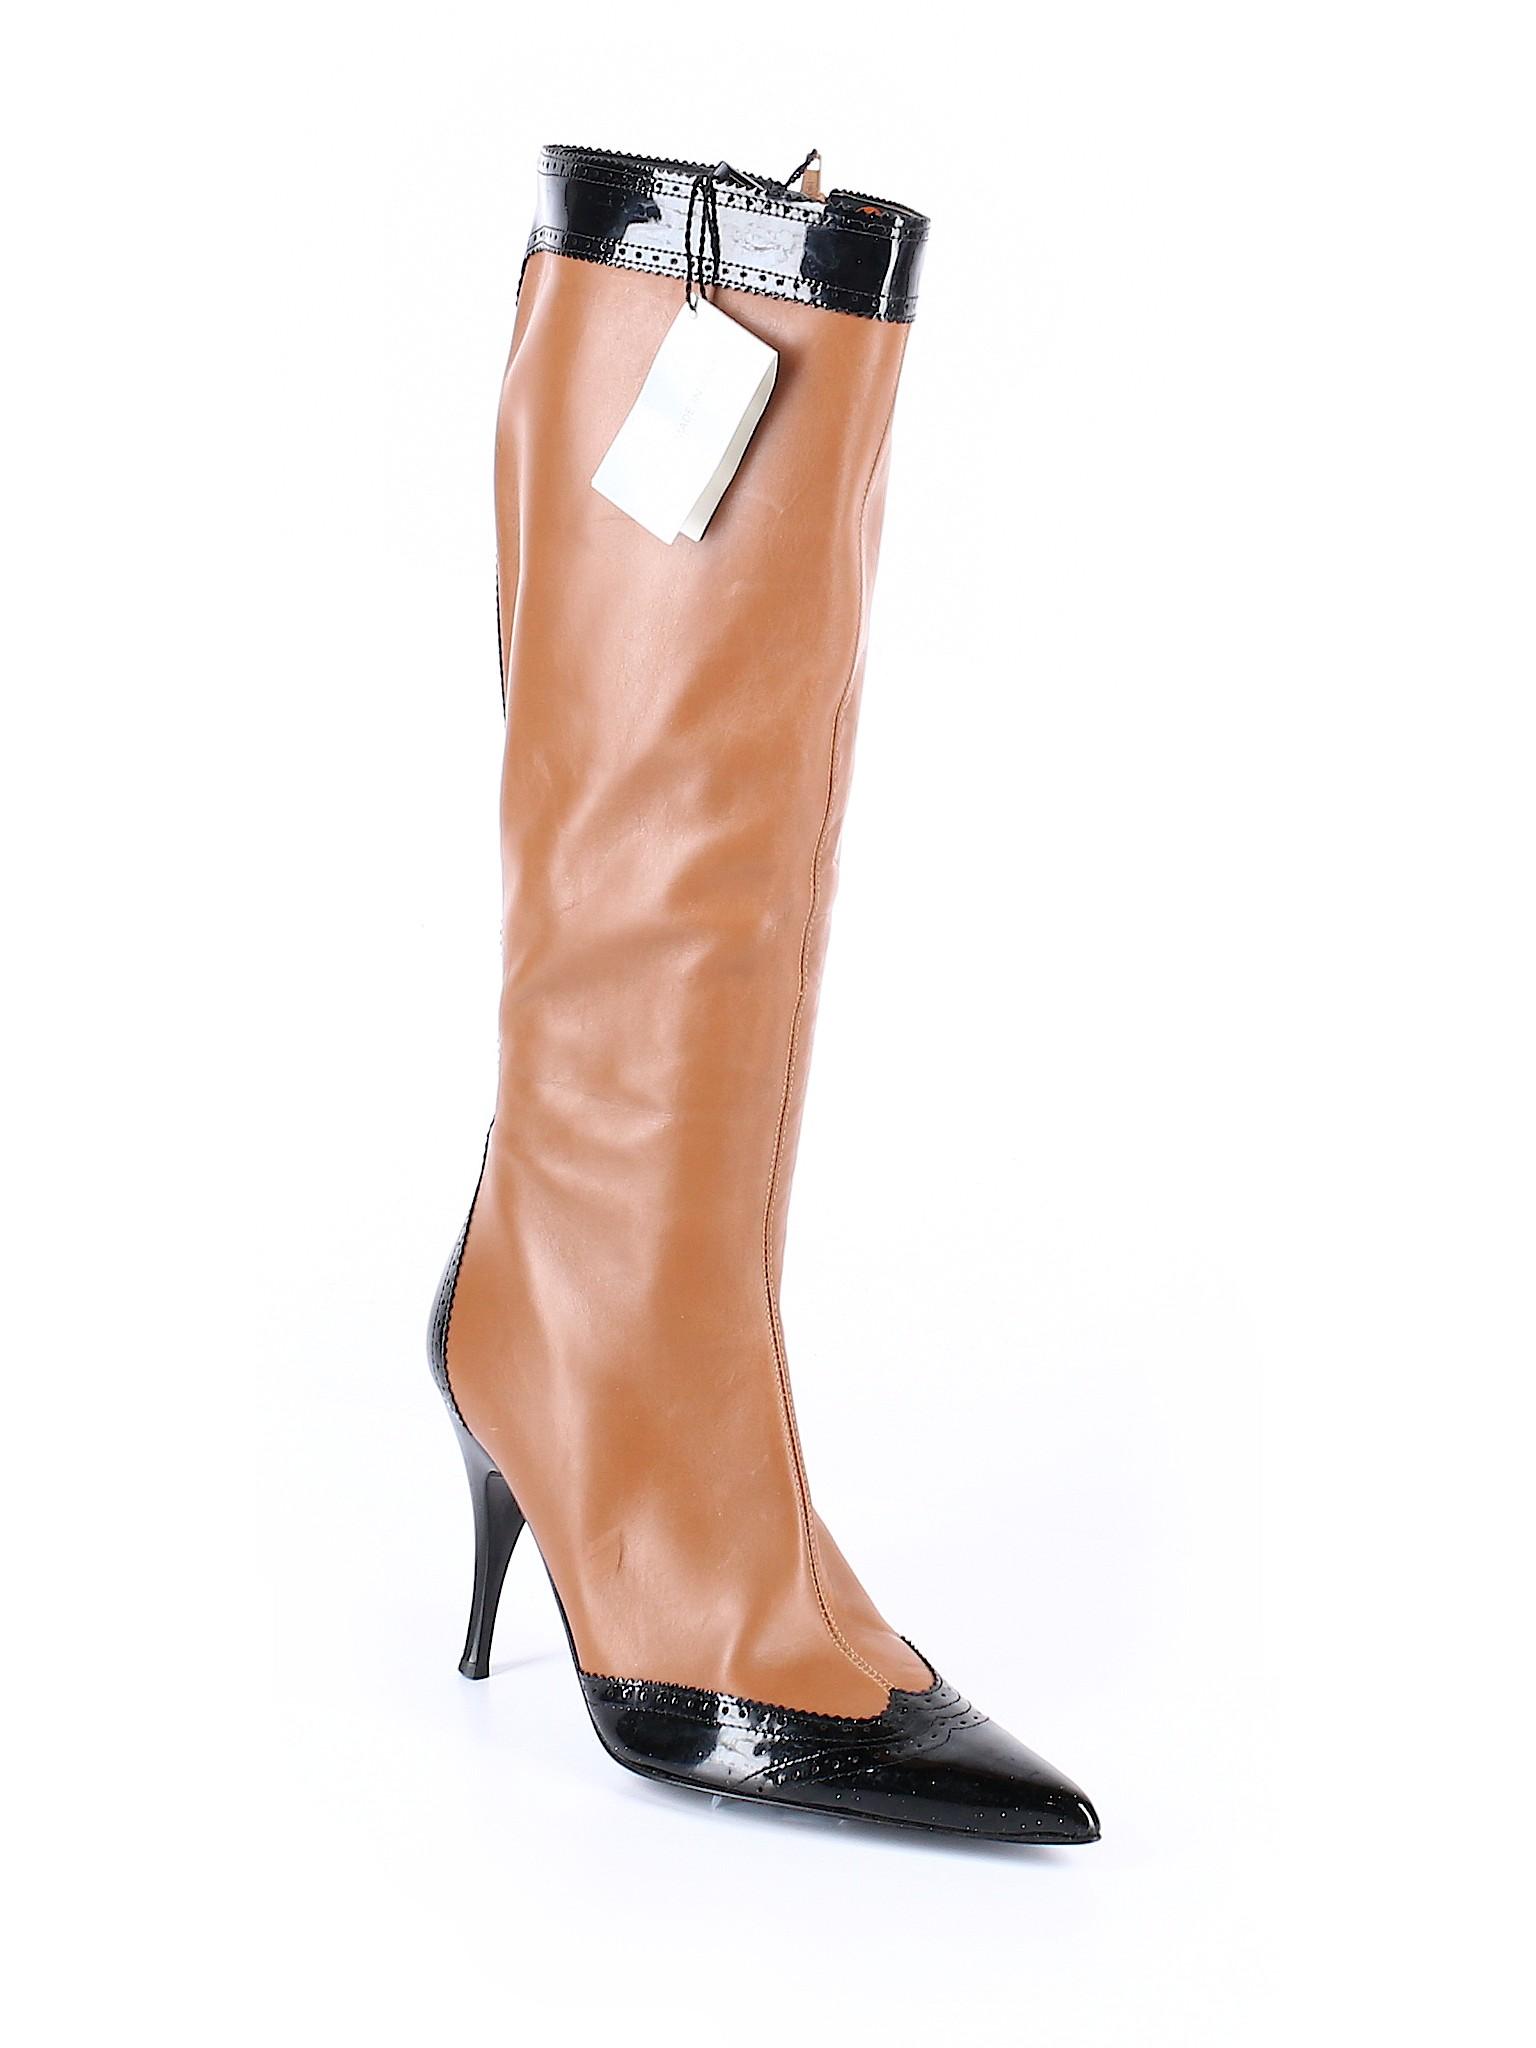 Boutique promotion Bellofatto promotion Boots Boutique Boots Bellofatto tR6xEq